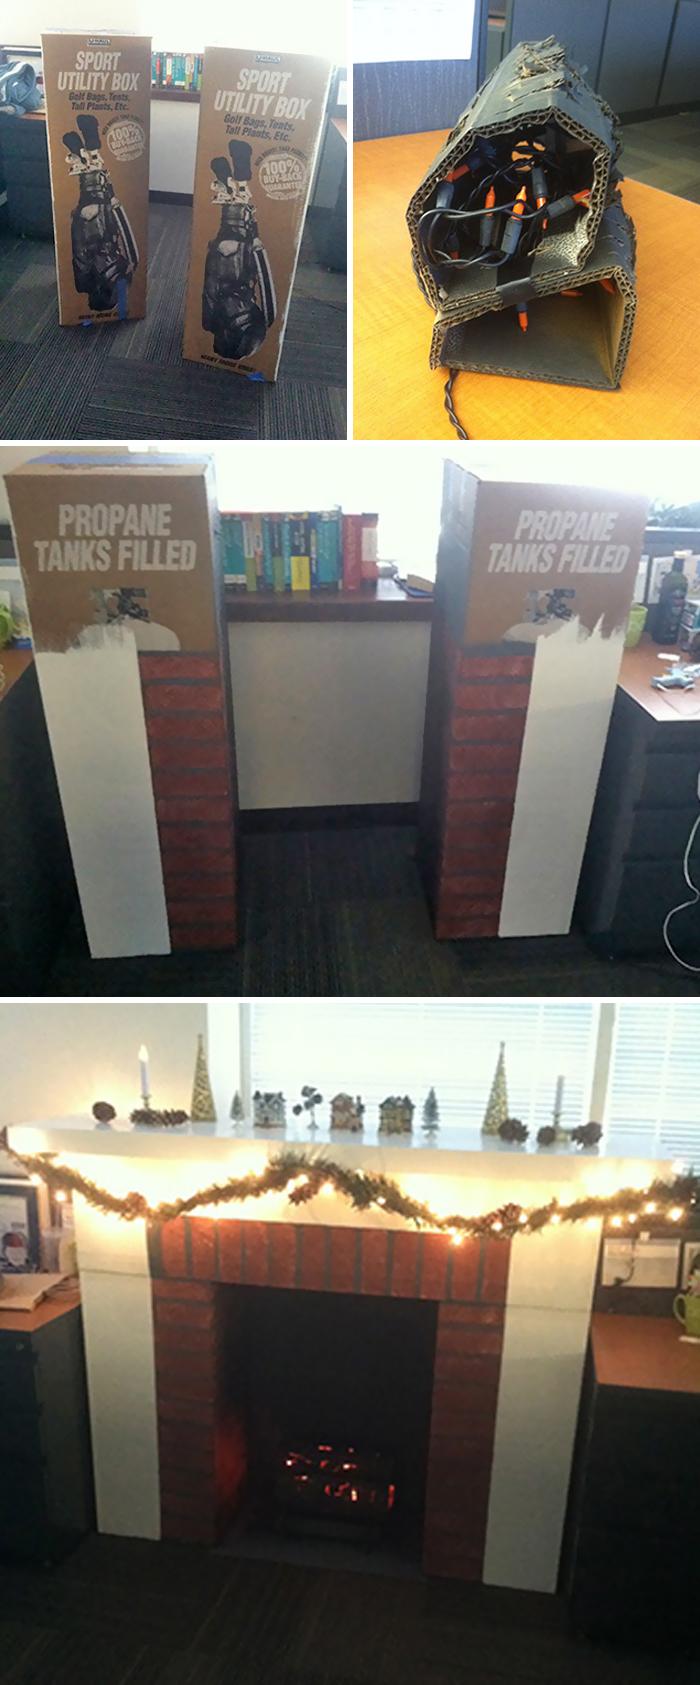 Hice una chimenea de cartón para mejorar el humor en el trabajo